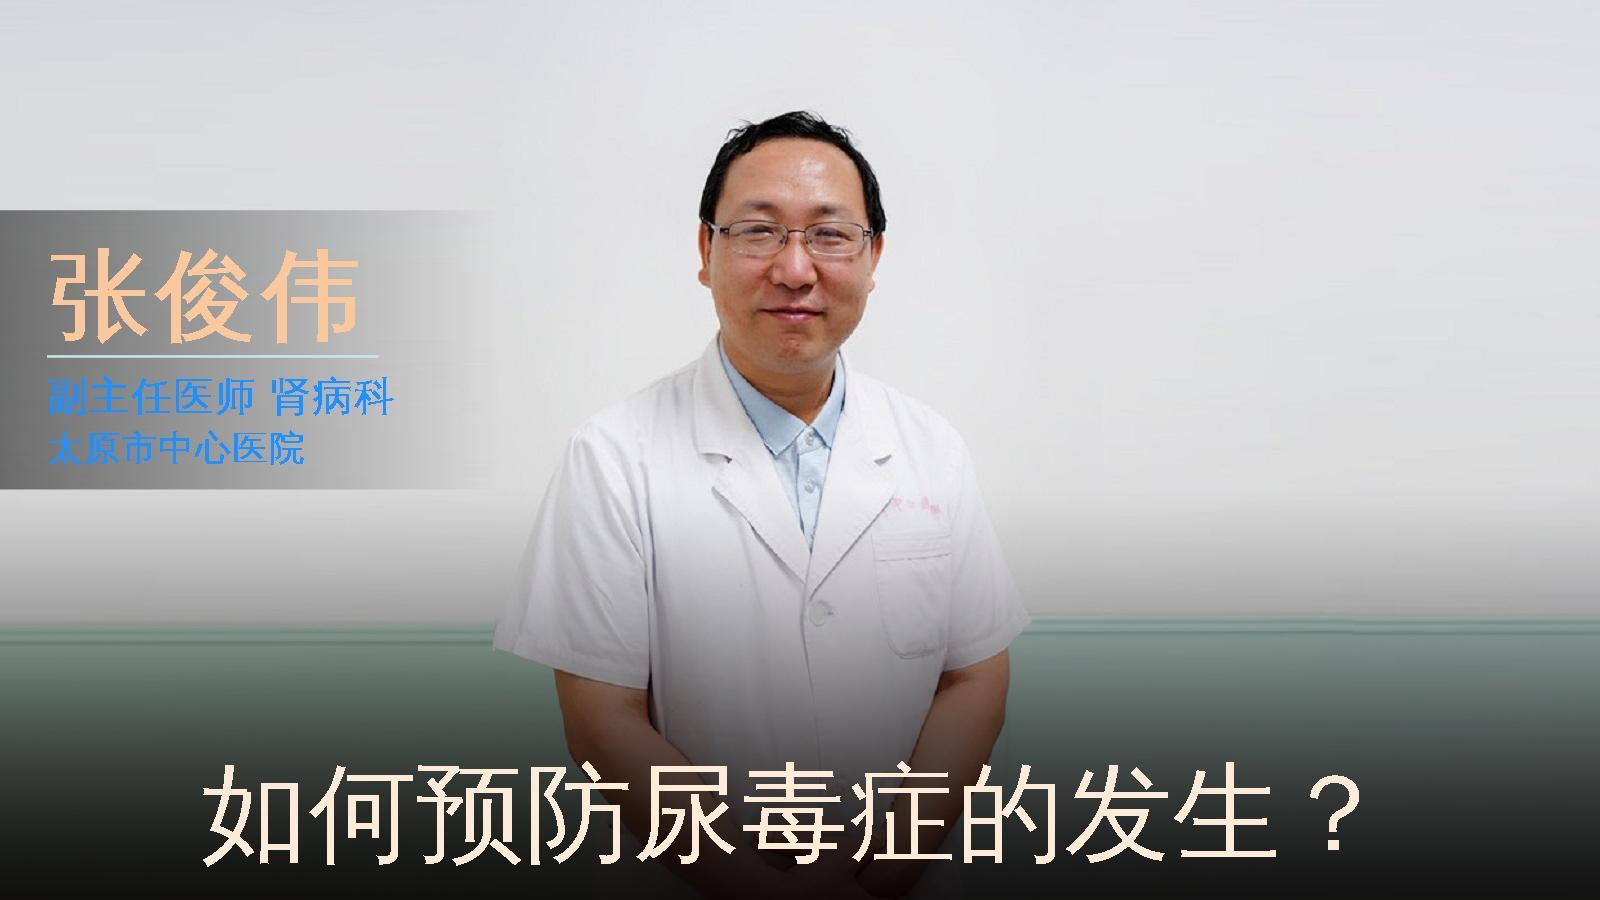 如何预防尿毒症的发生?